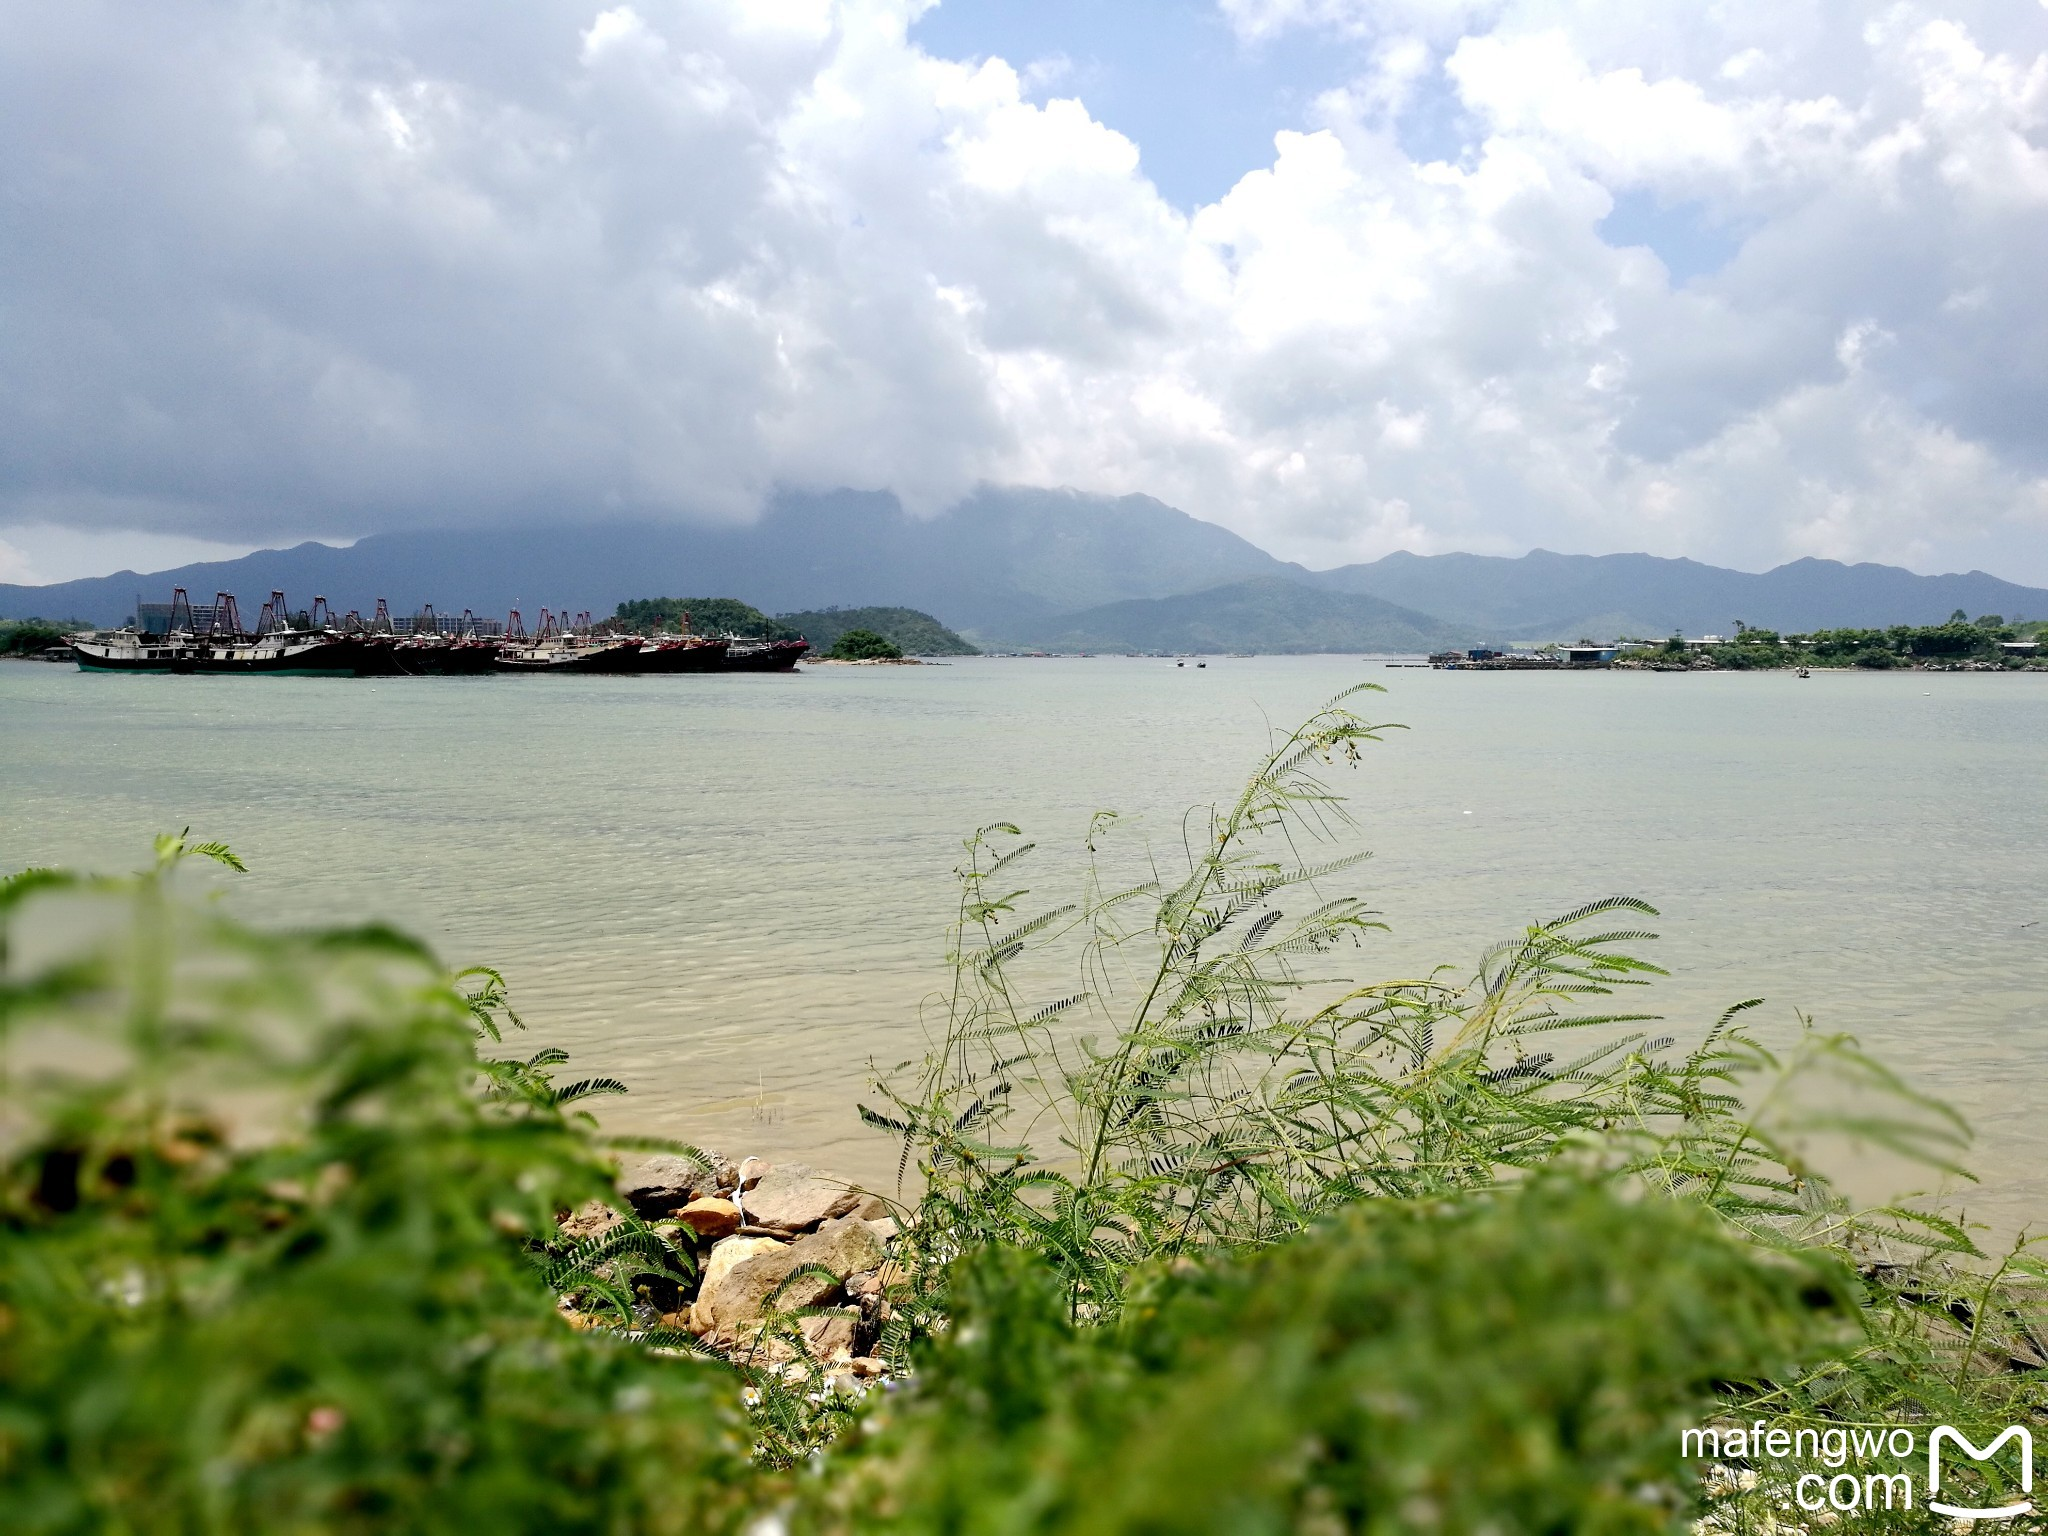 观澜湖度假 观澜湖休闲旅游度假区,产业集群跨越香港、深圳、东莞、海口及云南,是集运动、商务、养生、旅游、会议、文化、美食、购物、居住等为一体的国际休闲旅游度假区。 从1992 年开始,观澜湖集团就选择在深莞交界的20 平方公里荒山野岭,成功发展观澜湖休闲旅游度假区,这里拥有被吉尼斯世界纪录组织认证的世界第一大高尔夫球会的称号,球会内拥有12 个国际锦标级球场,同时也是全球唯一汇聚五大洲风格的球场。同样,作为广东省仅有的三家国家5A 级旅游景区之一,这里拥有坐落于球场中央的五星级度假酒店,度假区以其丰富的